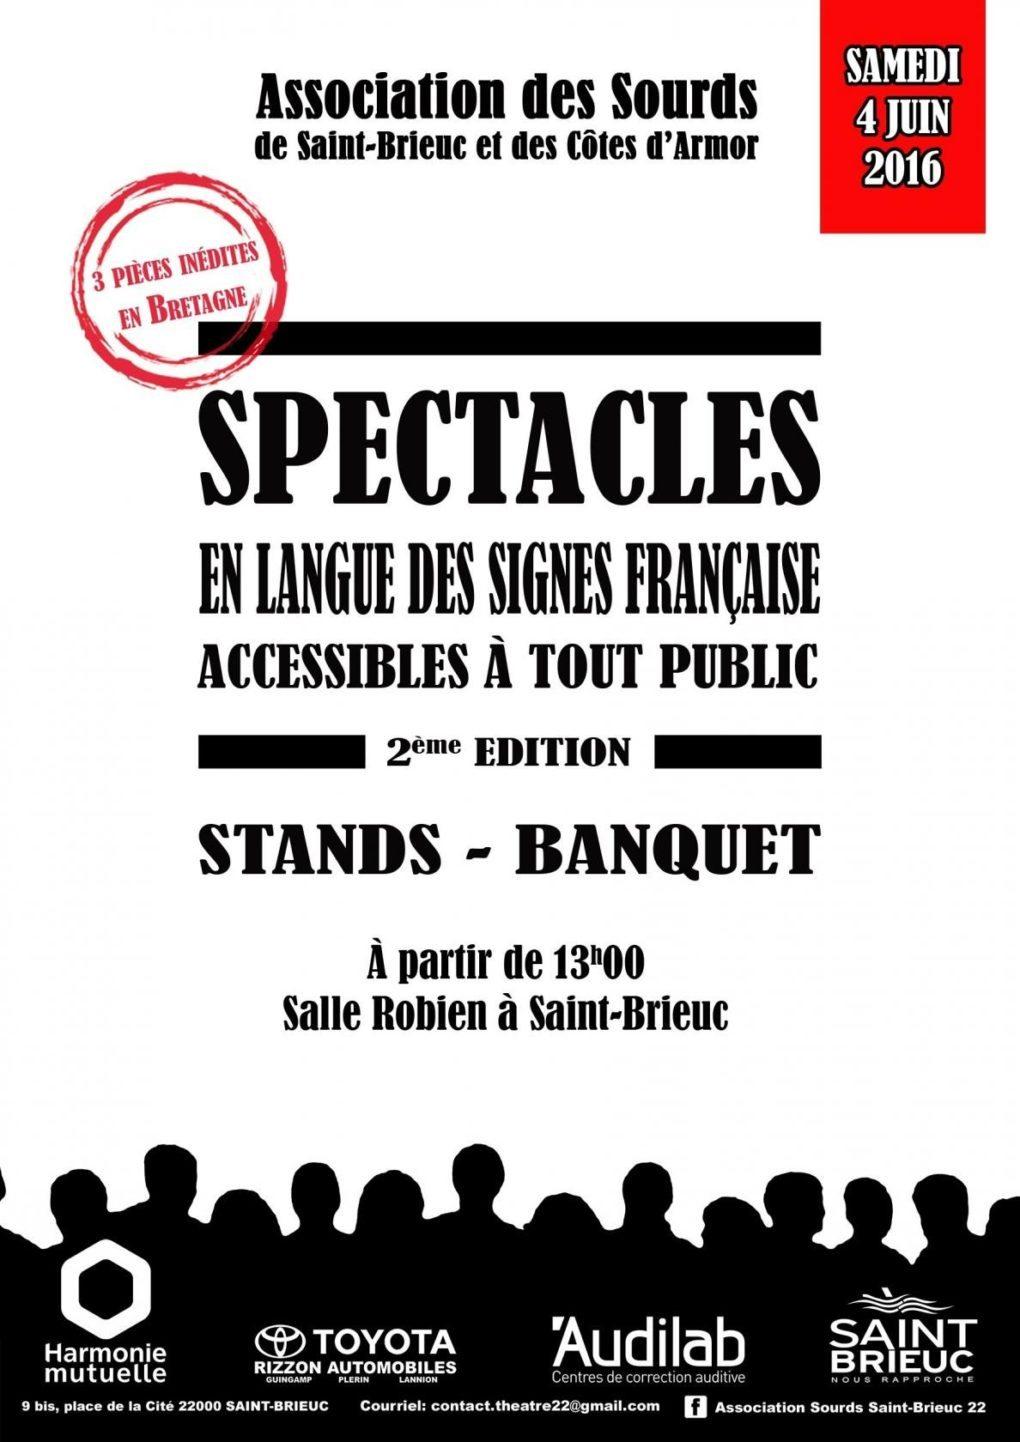 Spectacles en langue des signes Saint-Brieuc